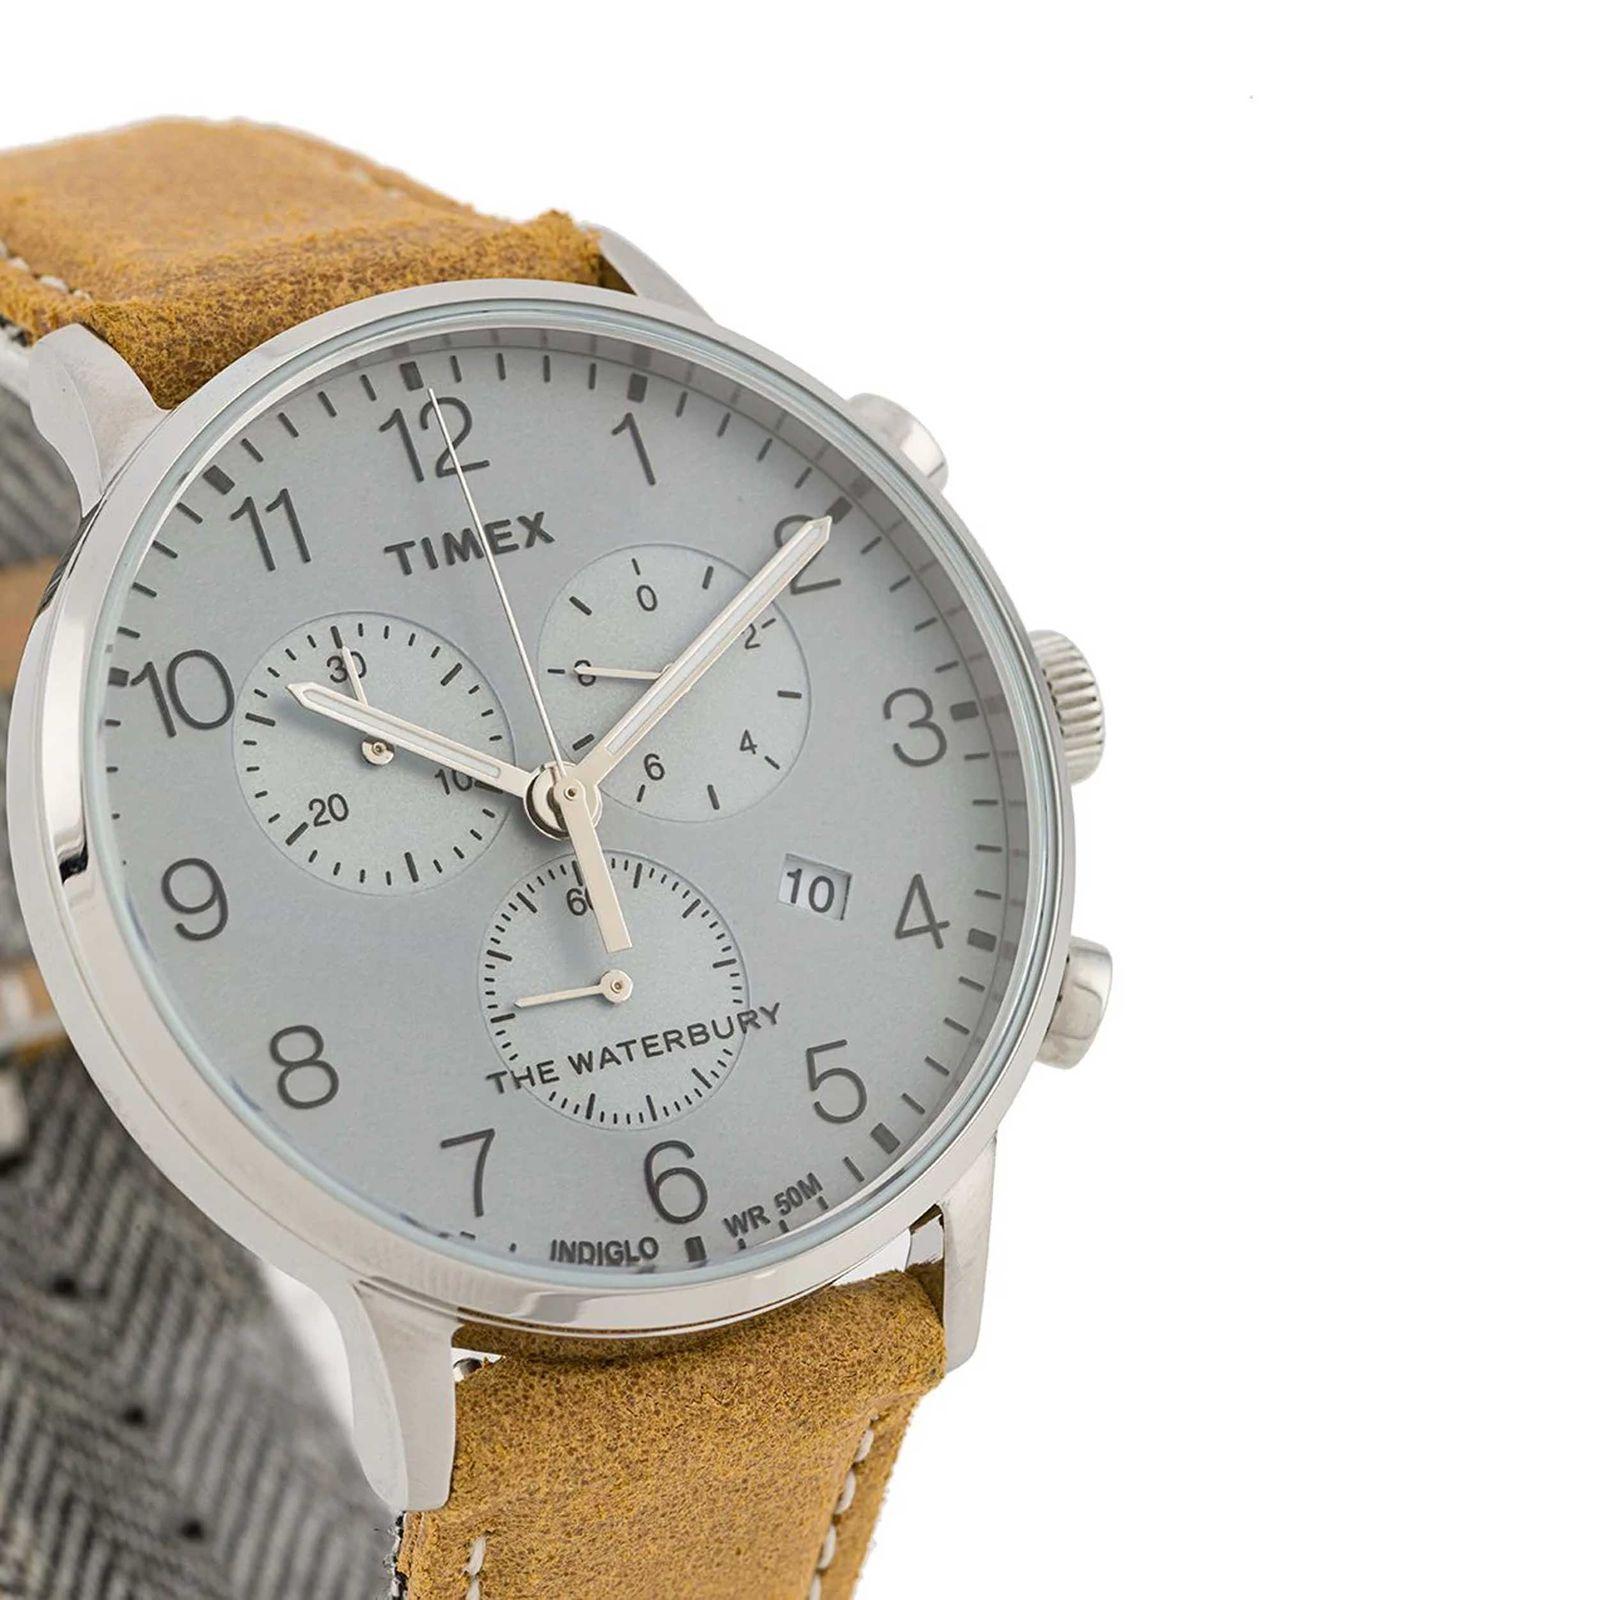 ساعت مچی عقربه ای مردانه تایمکس مدل TW2T71200 -  - 2